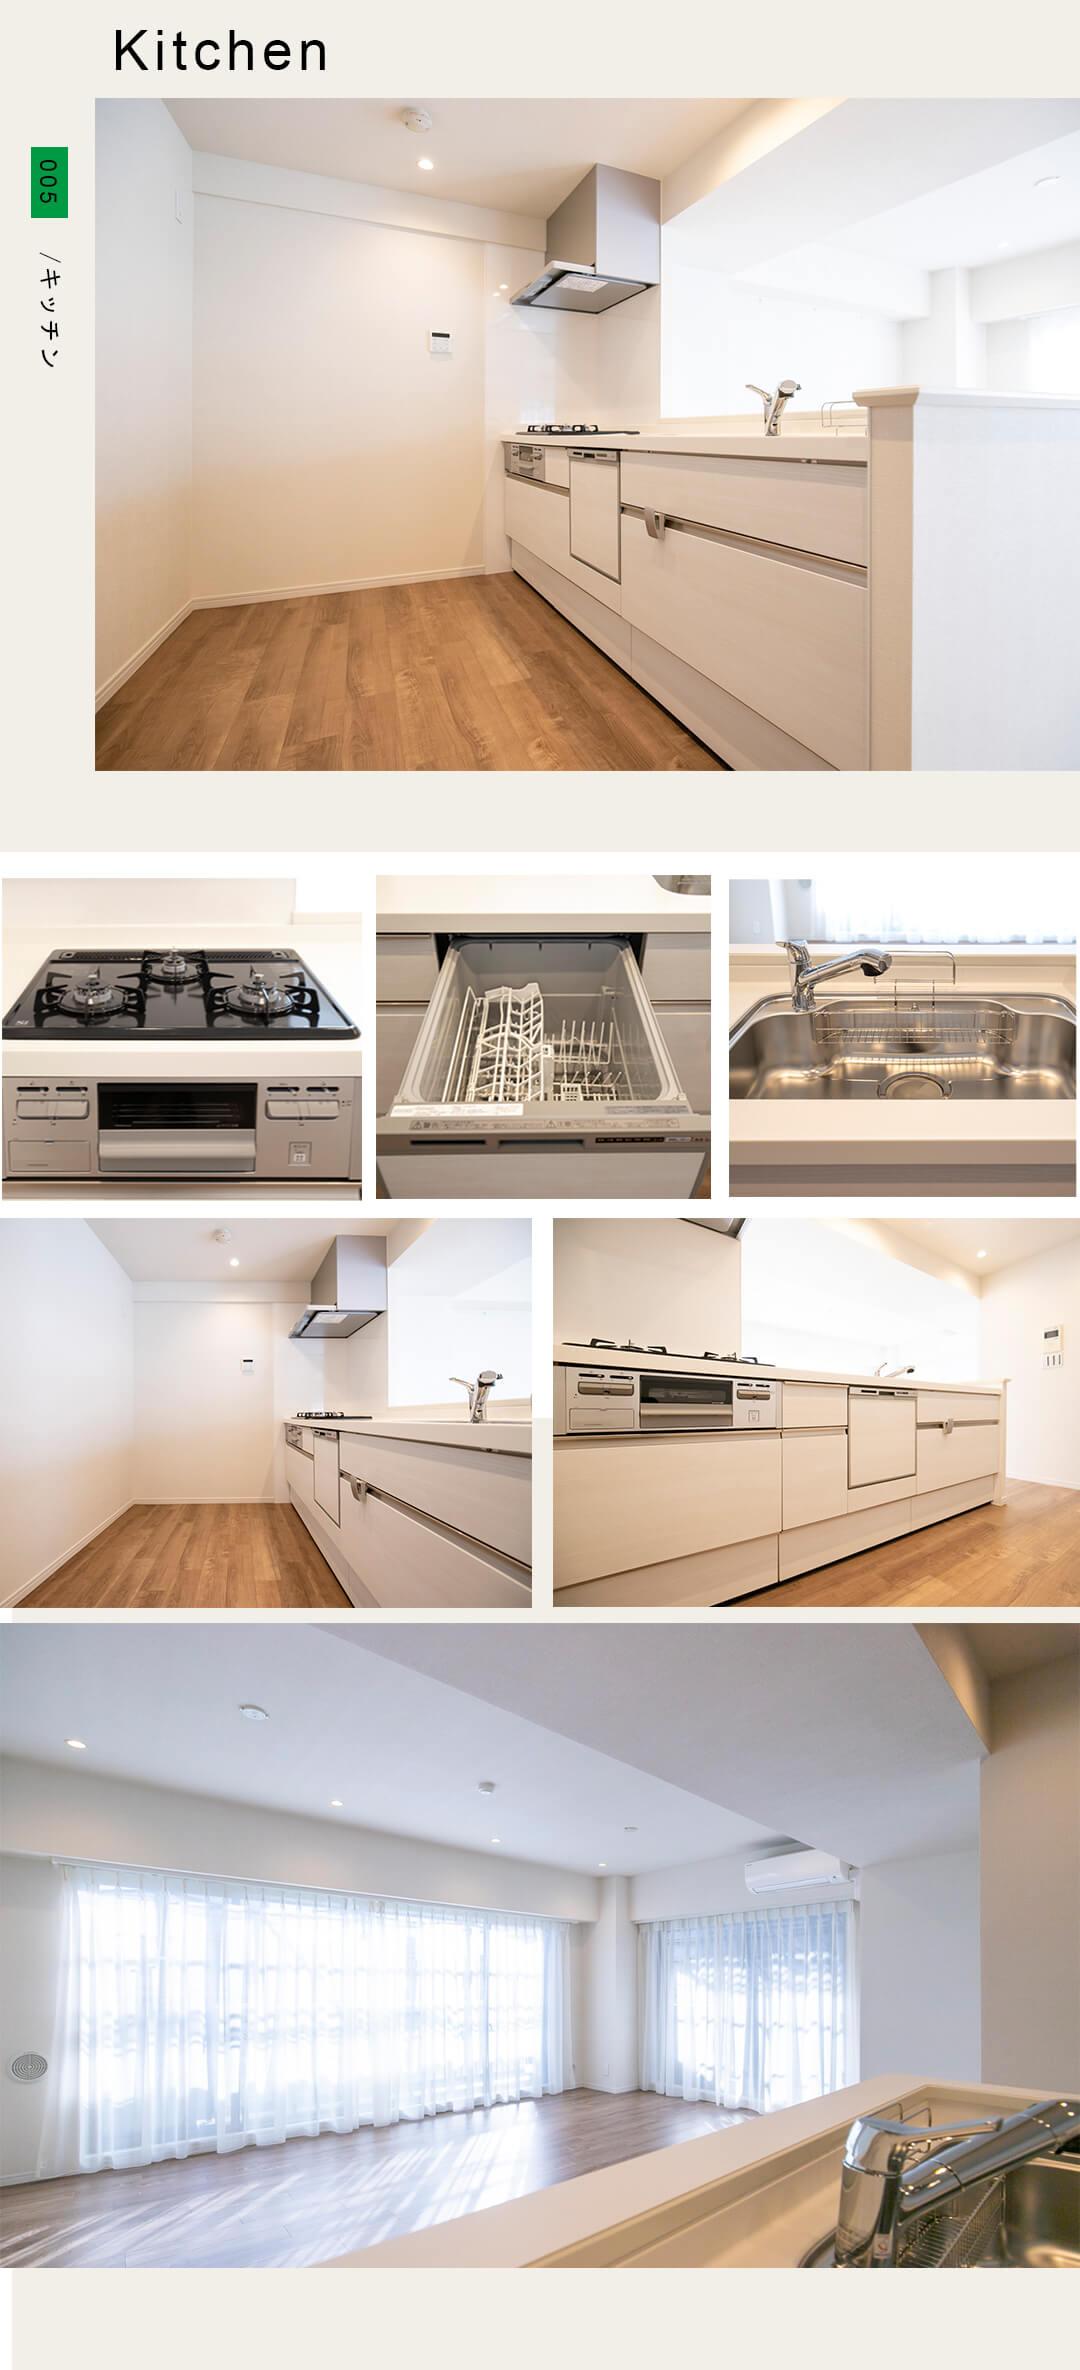 005,キッチン,kitchen